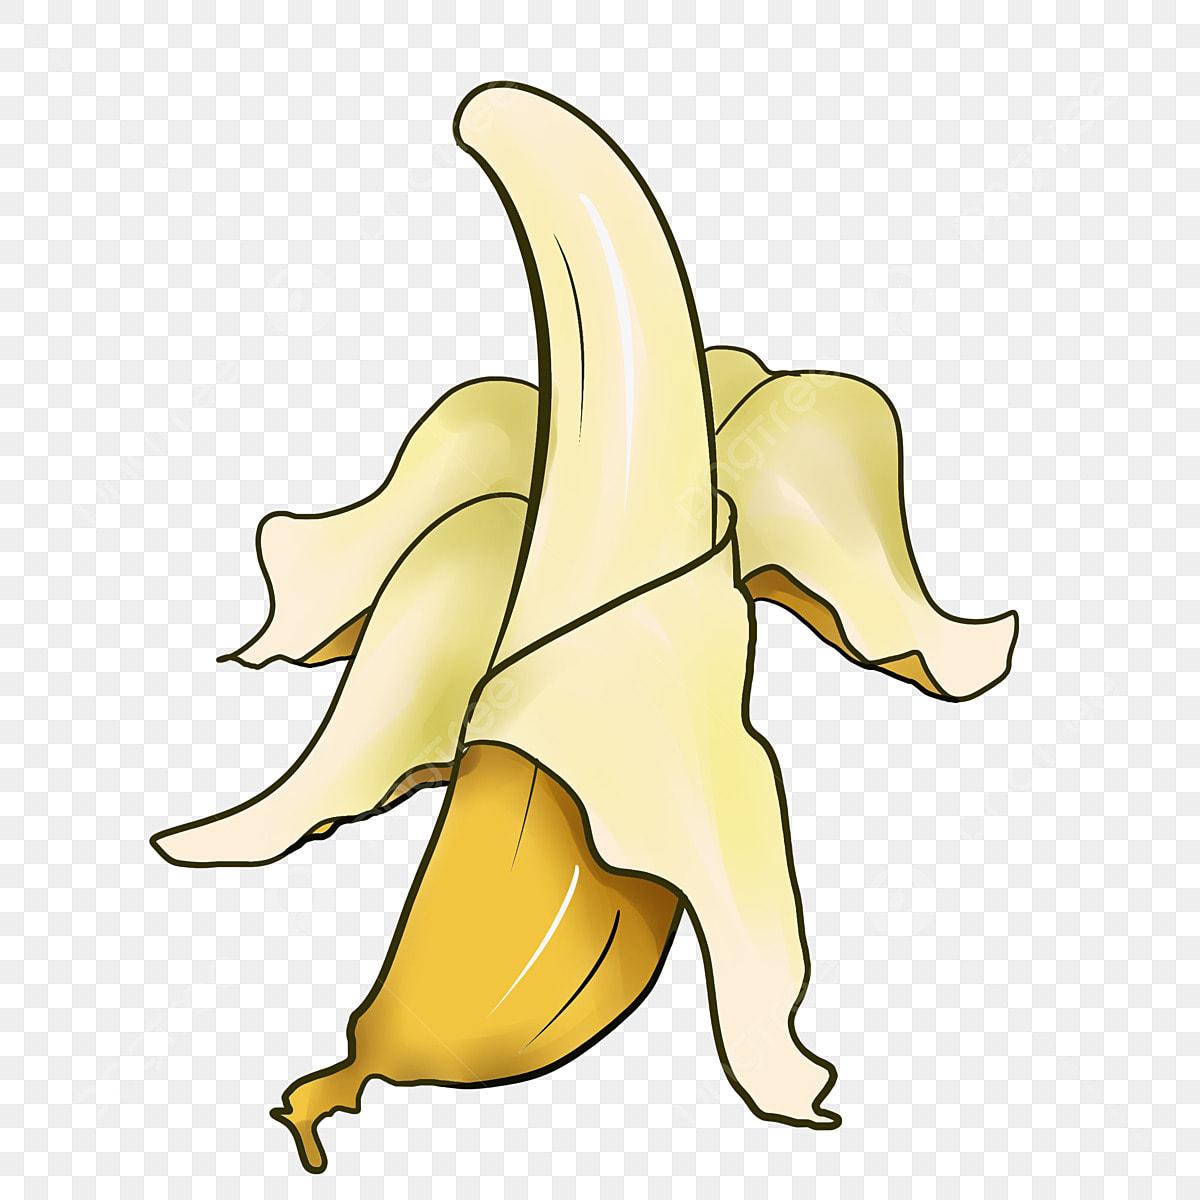 Ete Banane Dessin Anime Dessine Main D Ete Dessin Ete Fichier Png Et Psd Pour Le Telechargement Libre